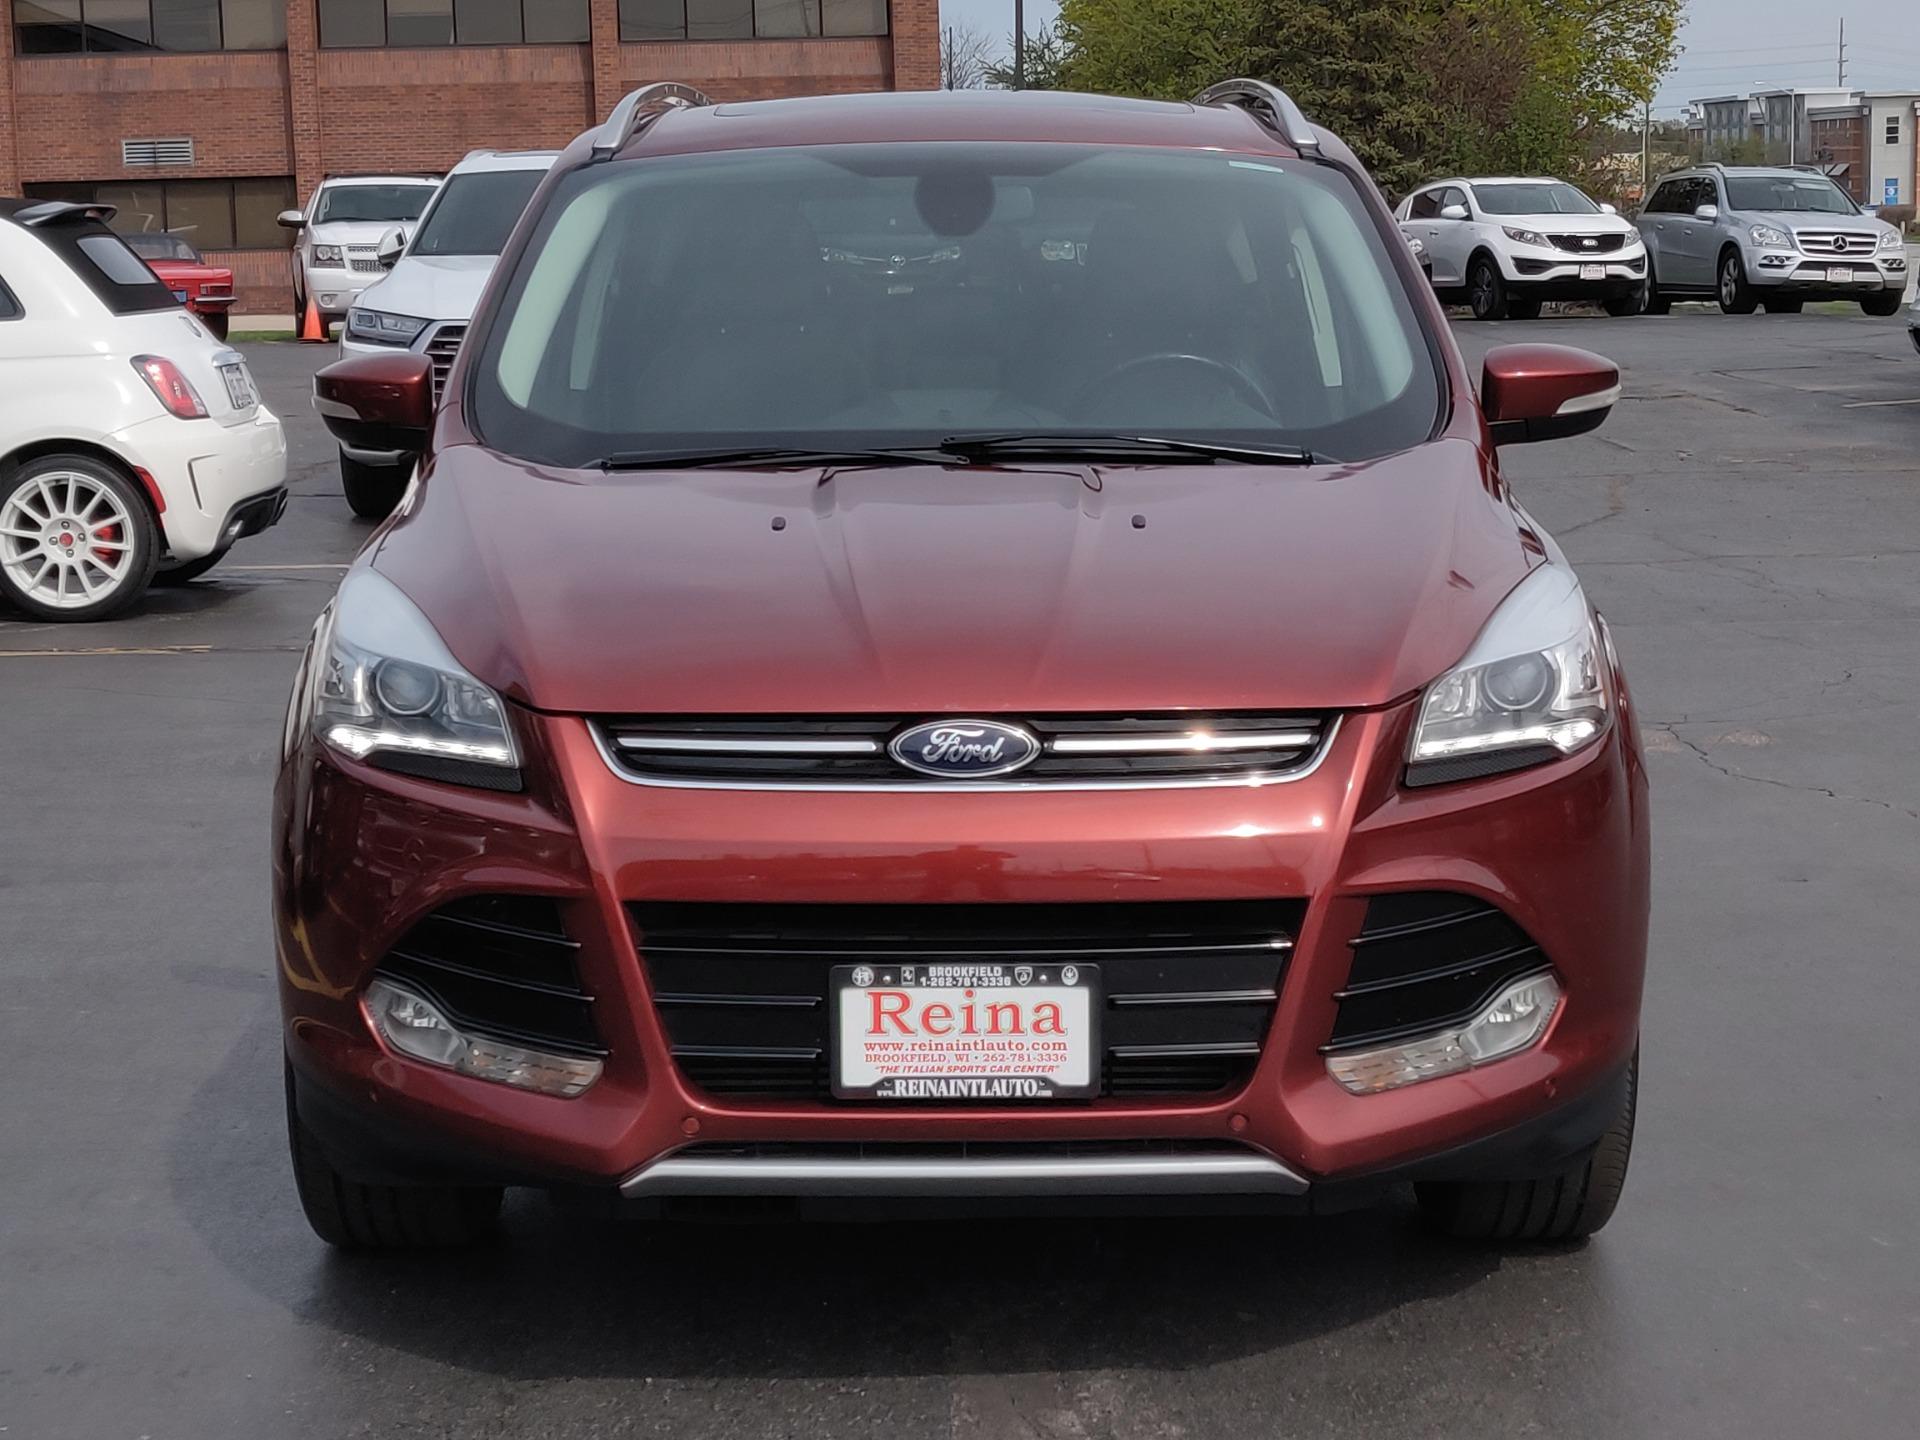 Used-2014-Ford-Escape-AWD-Titanium